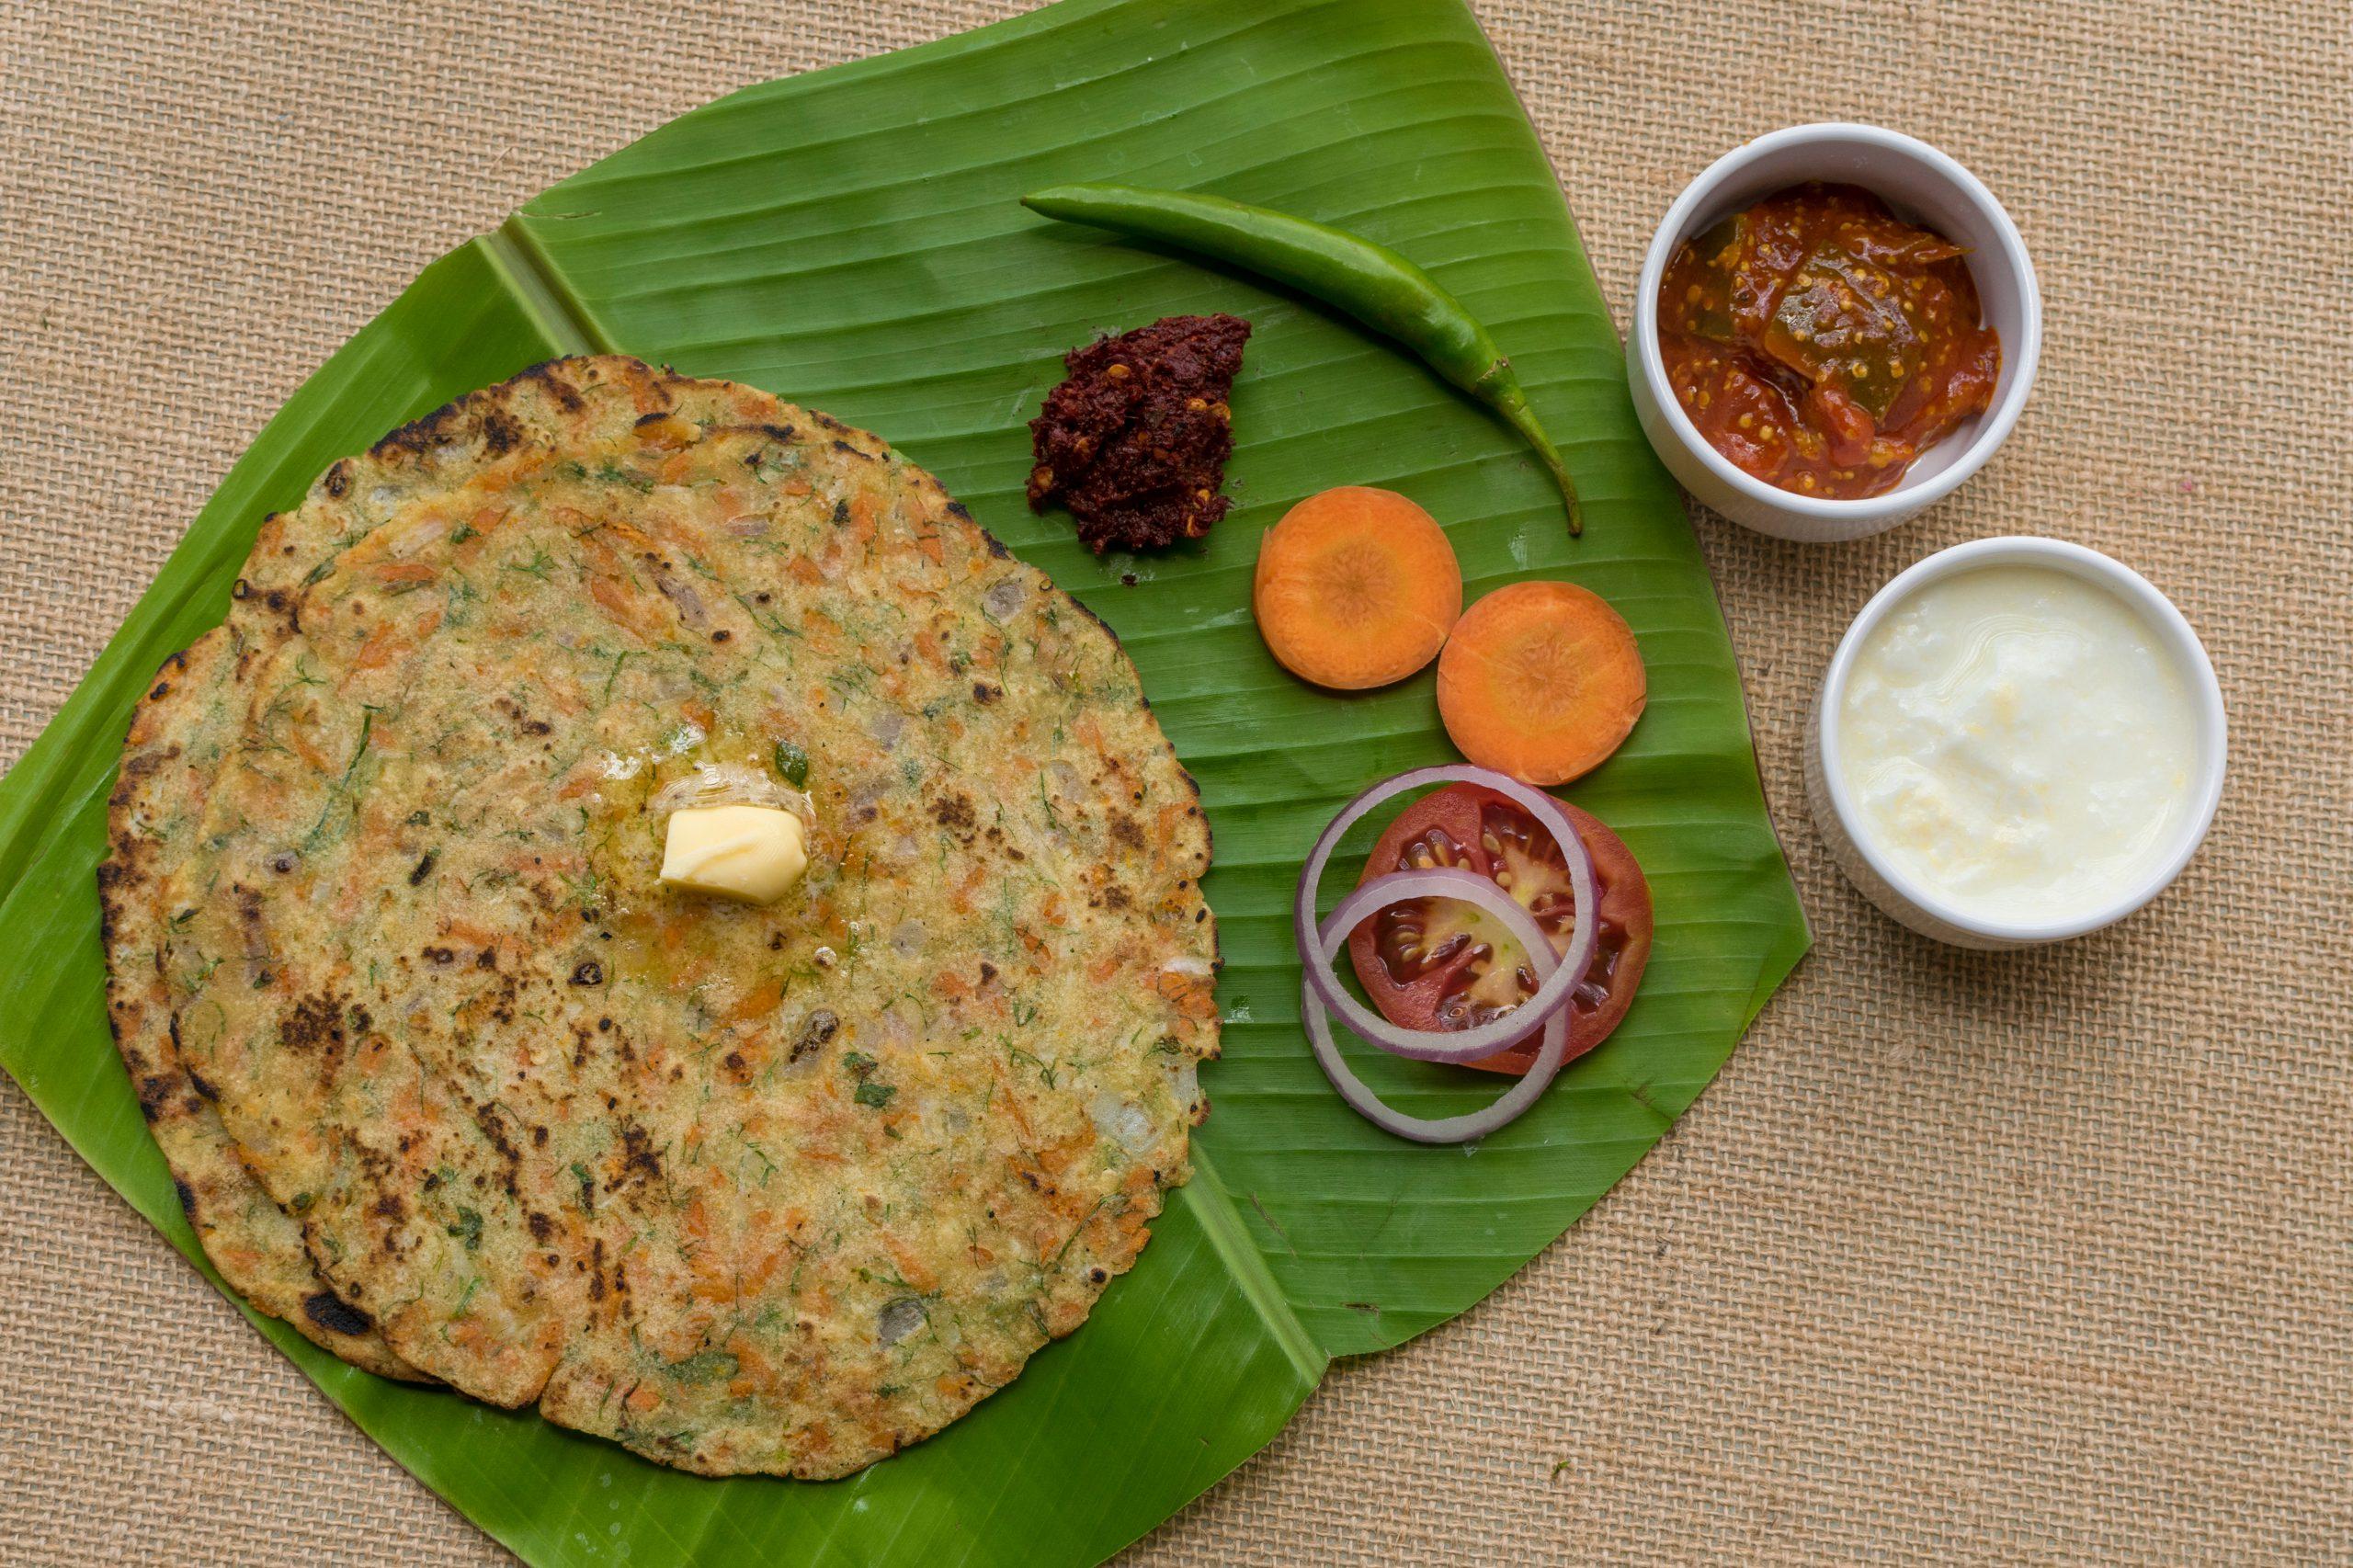 चावल दक्षिण भारतीय व्यंजनों का एक प्रमुख हिस्सा है, और चावल आधारित अप्पम, अक्की रोटी आदि रोजमर्रा के भोजन का एक हिस्सा हैं।